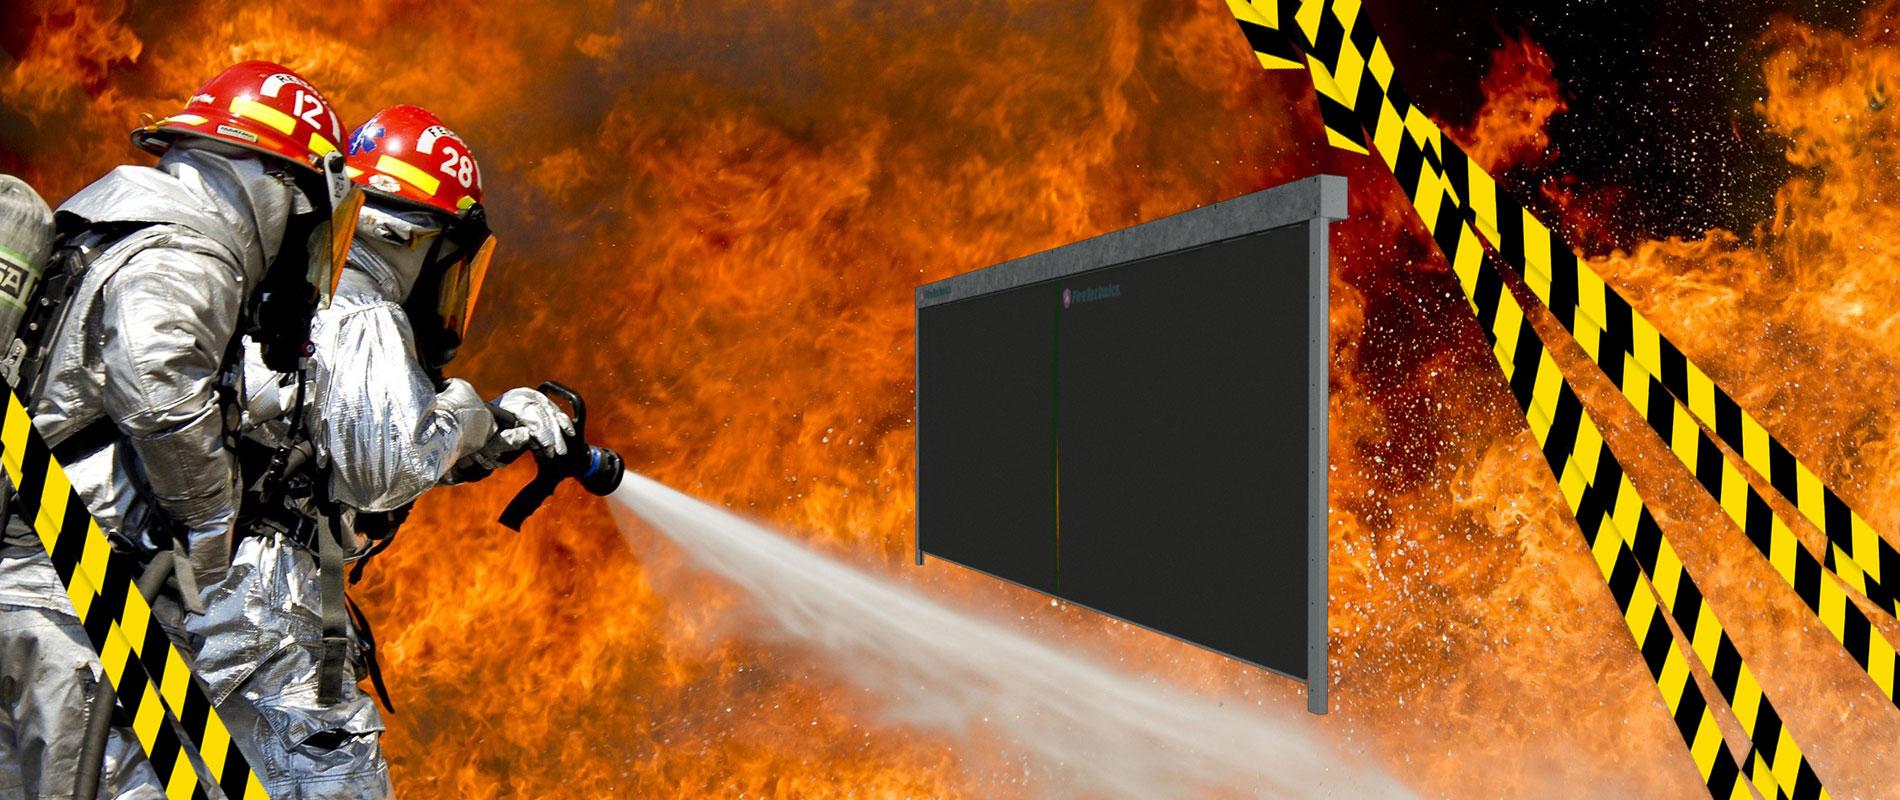 Противопожарные двери, противопожарные перегородки, противопожарные шторы.